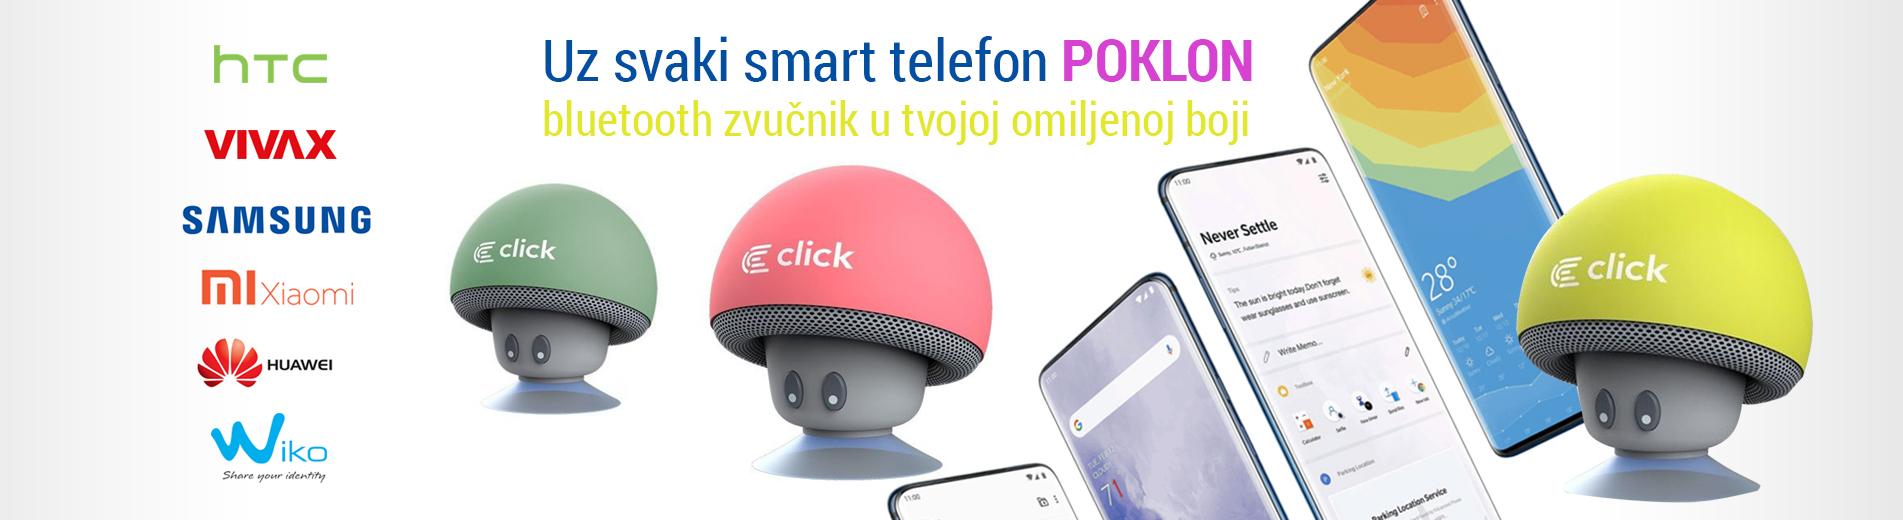 Uz svaki smart telefon POKLON bluetooth zvucnik u tvojoj omiljenoj boji